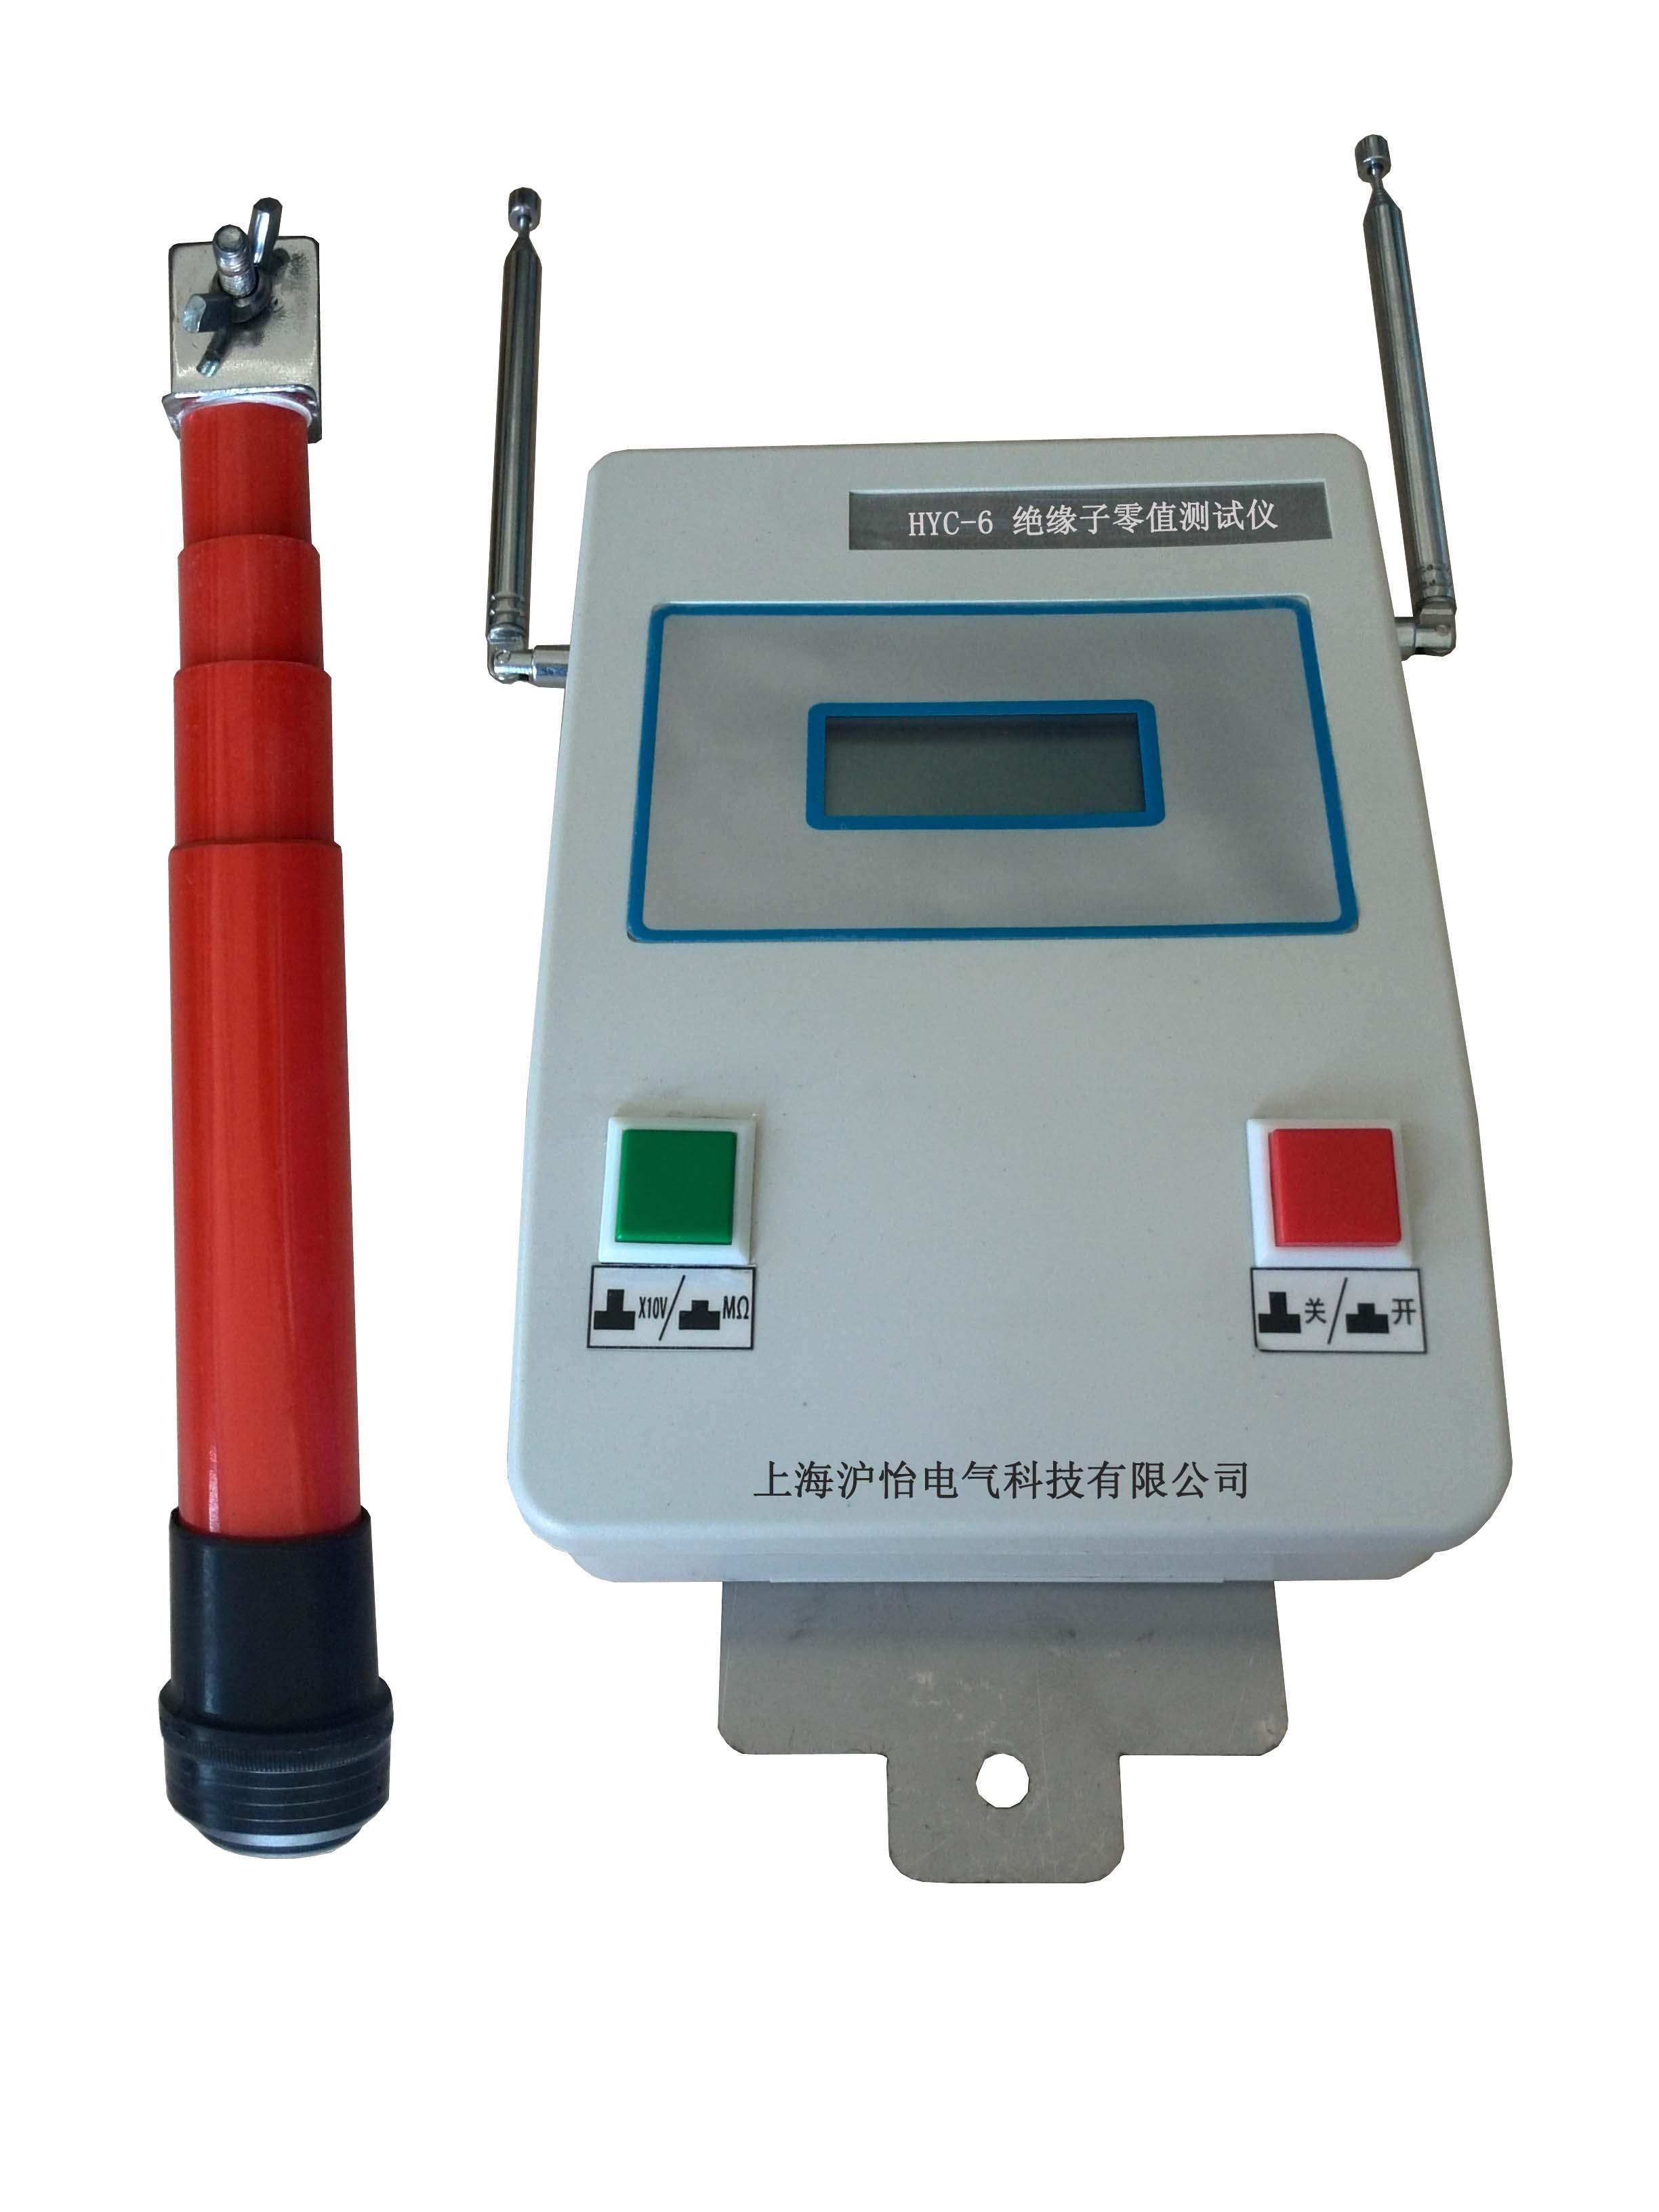 绝缘子零值测试仪 高压电由电子电路形成,由电池供电,没有手摇发电机